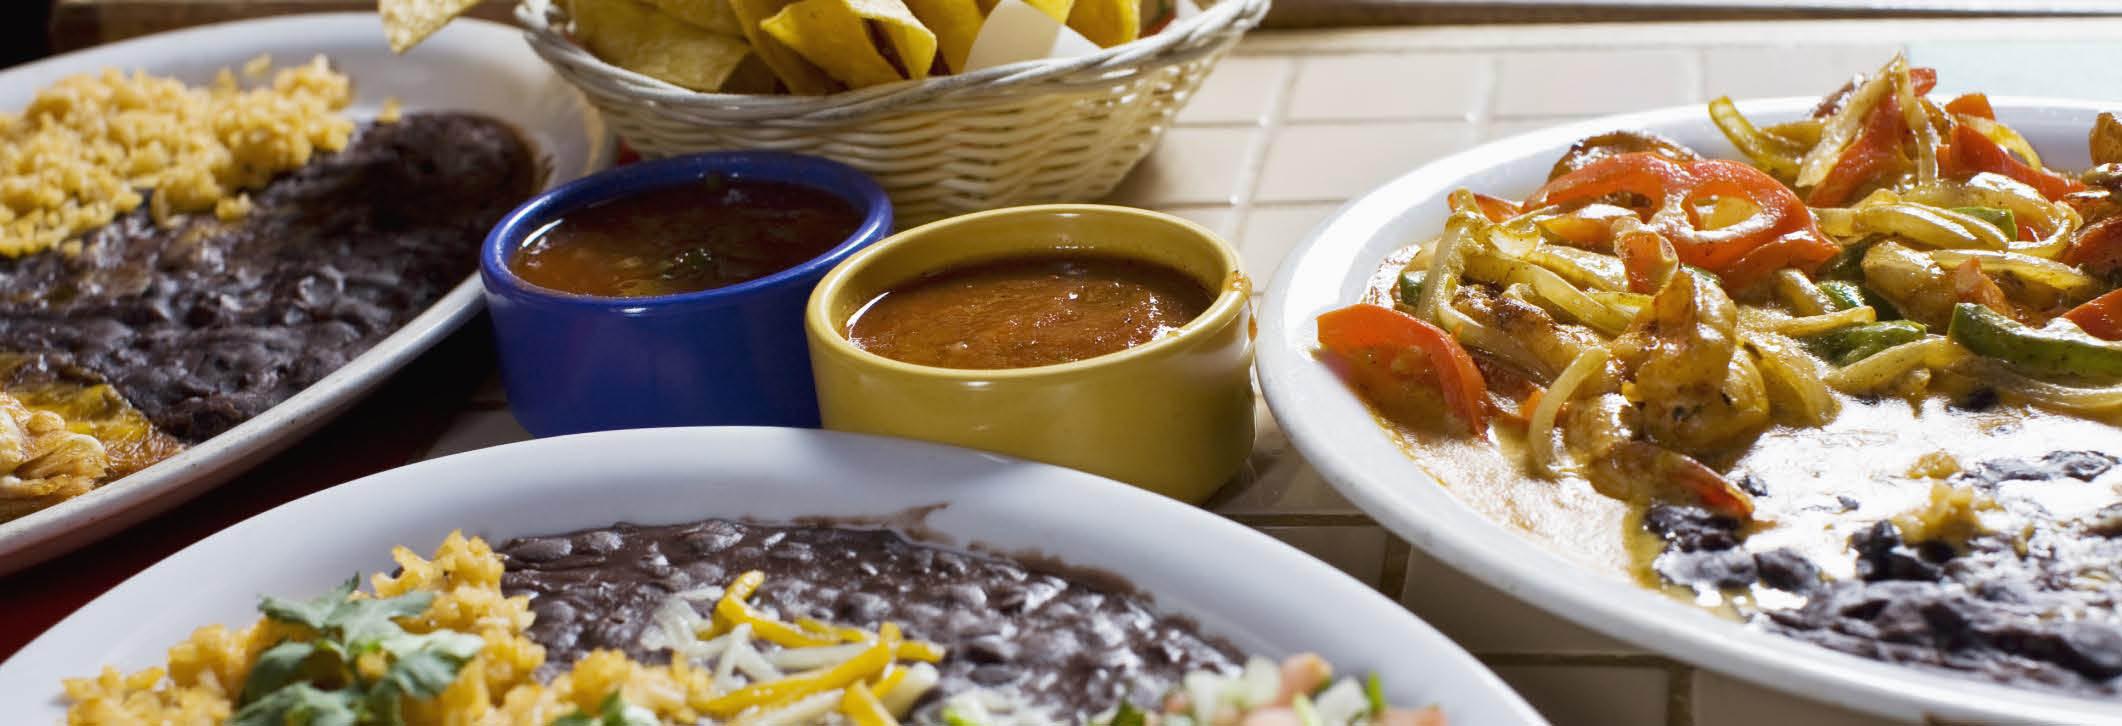 mexican food la cazuela grill bar salsa